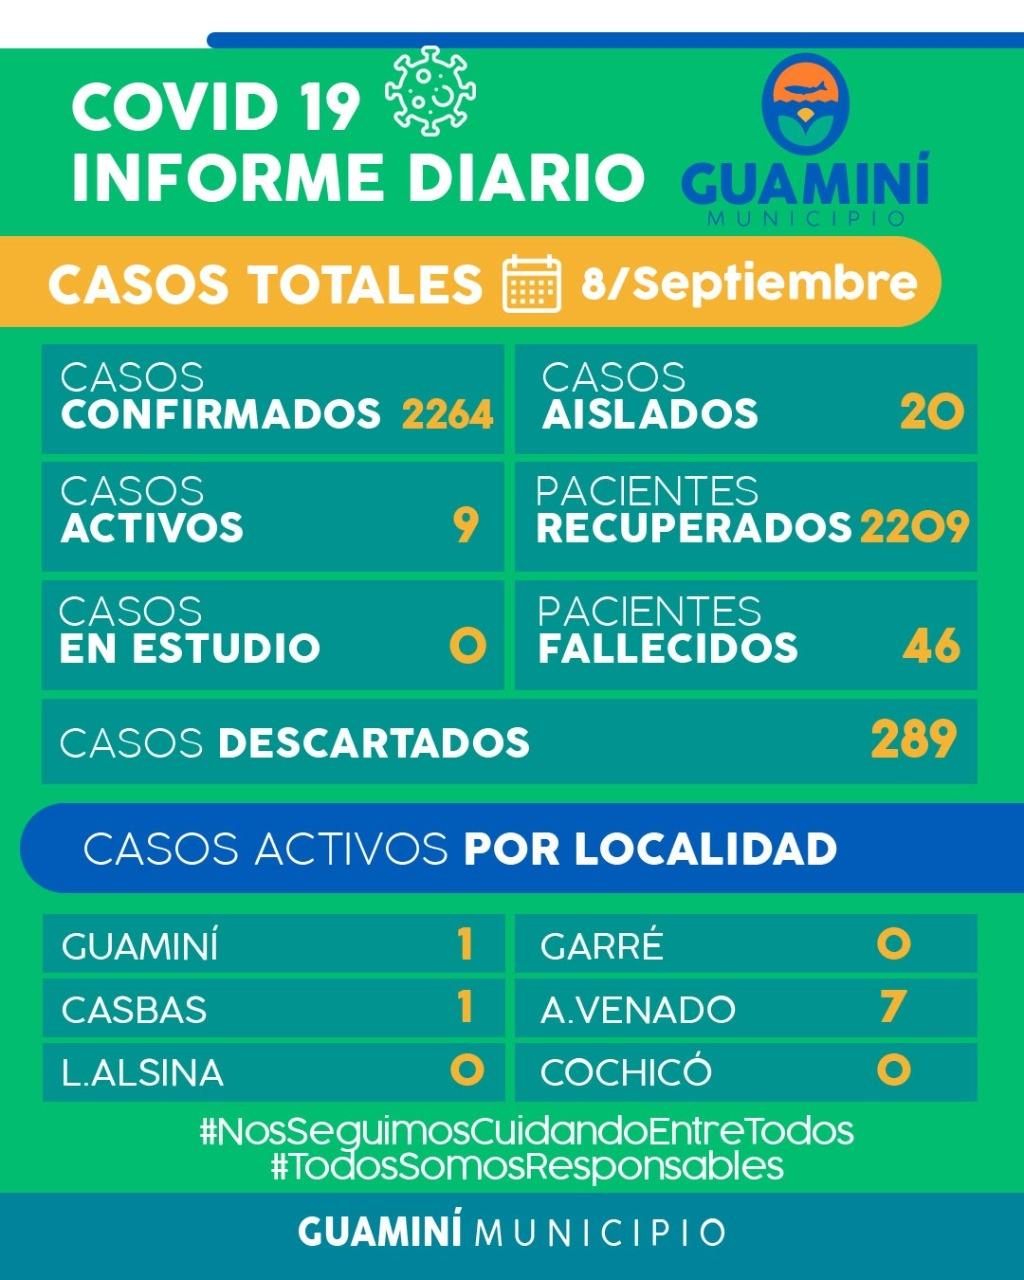 CORONAVIRUS: INFORME DIARIO DE SITUACIÓN A NIVEL LOCAL - 8 DE SEPTIEMBRE -